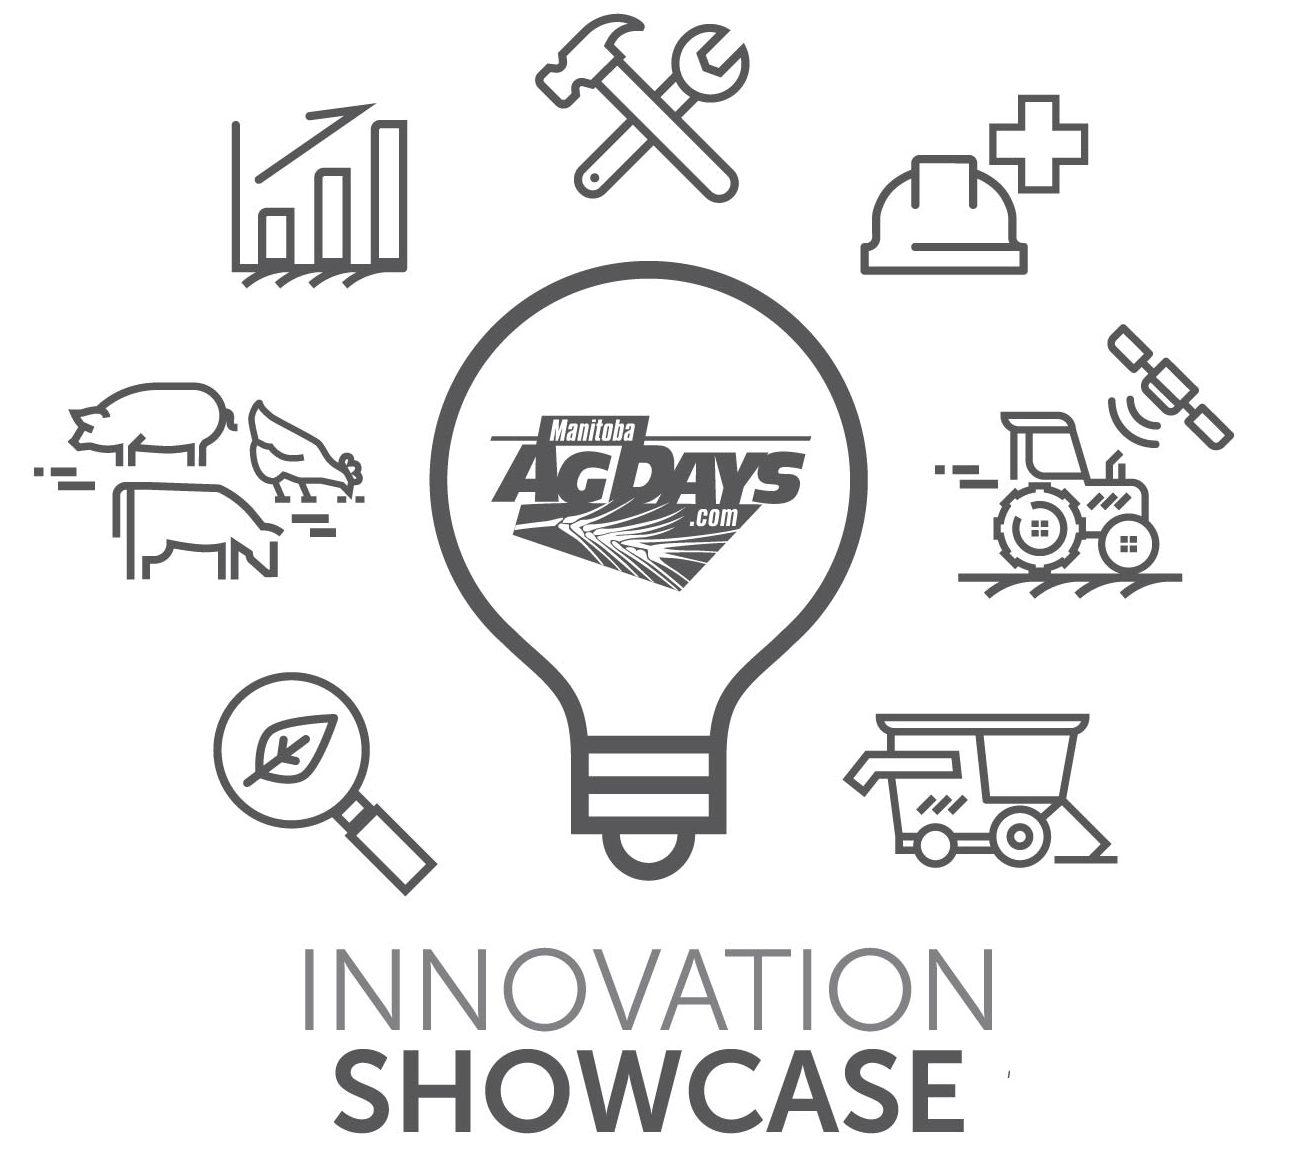 mbagdays_innovationshowcase_largegroup_highres